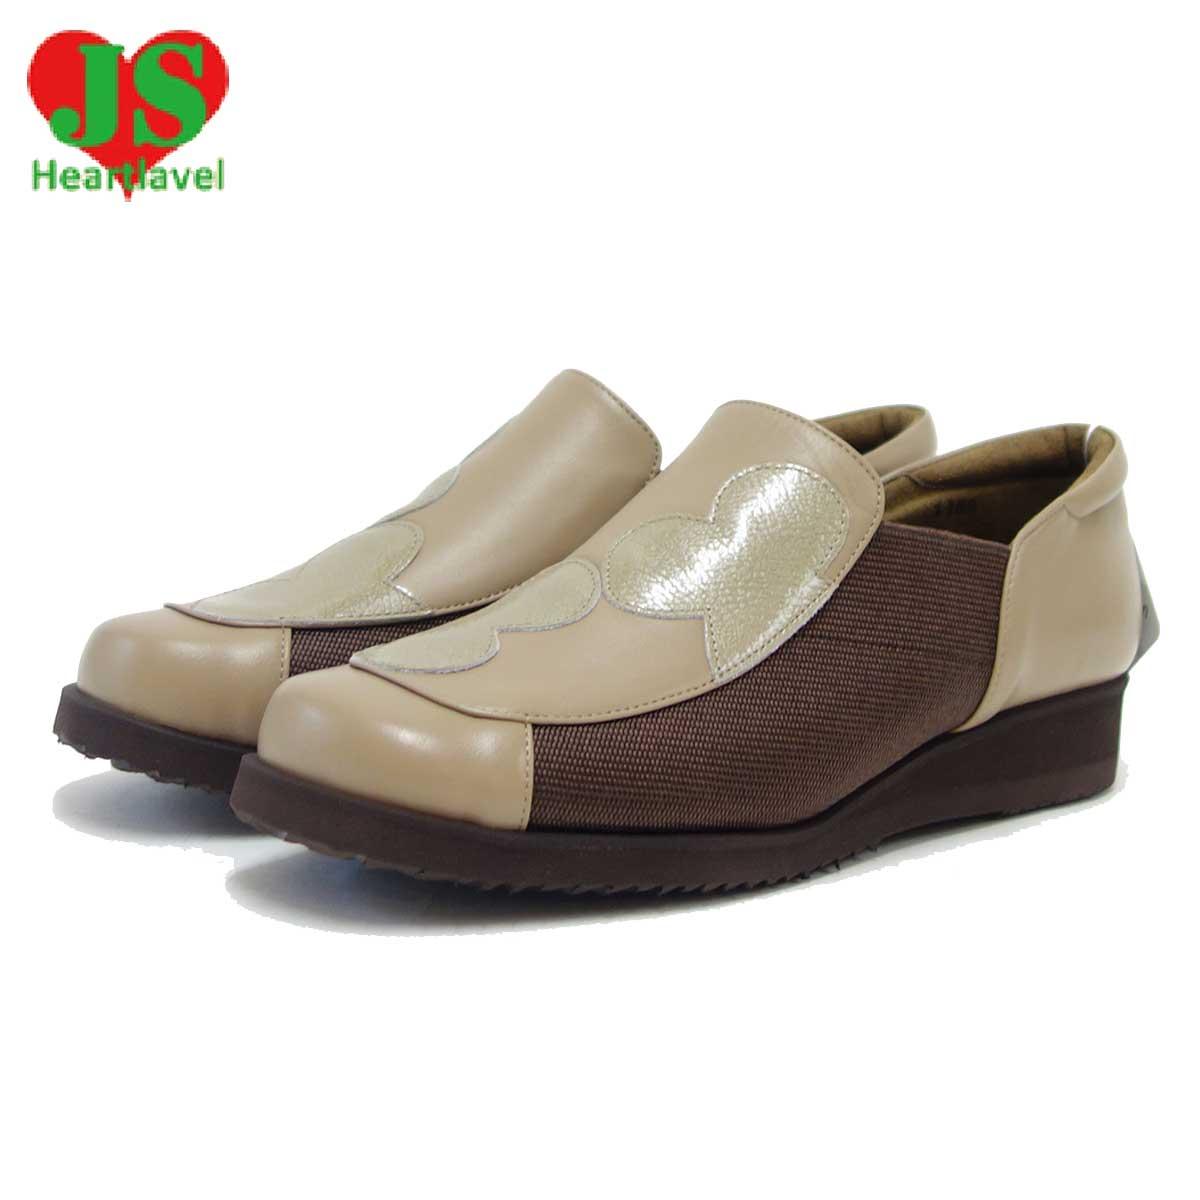 ジェイエス ハートラベル JS Heartlavel 1159 オーク(レディース)日本製 ゆったりEEEEの楽ちんシューズ「靴」